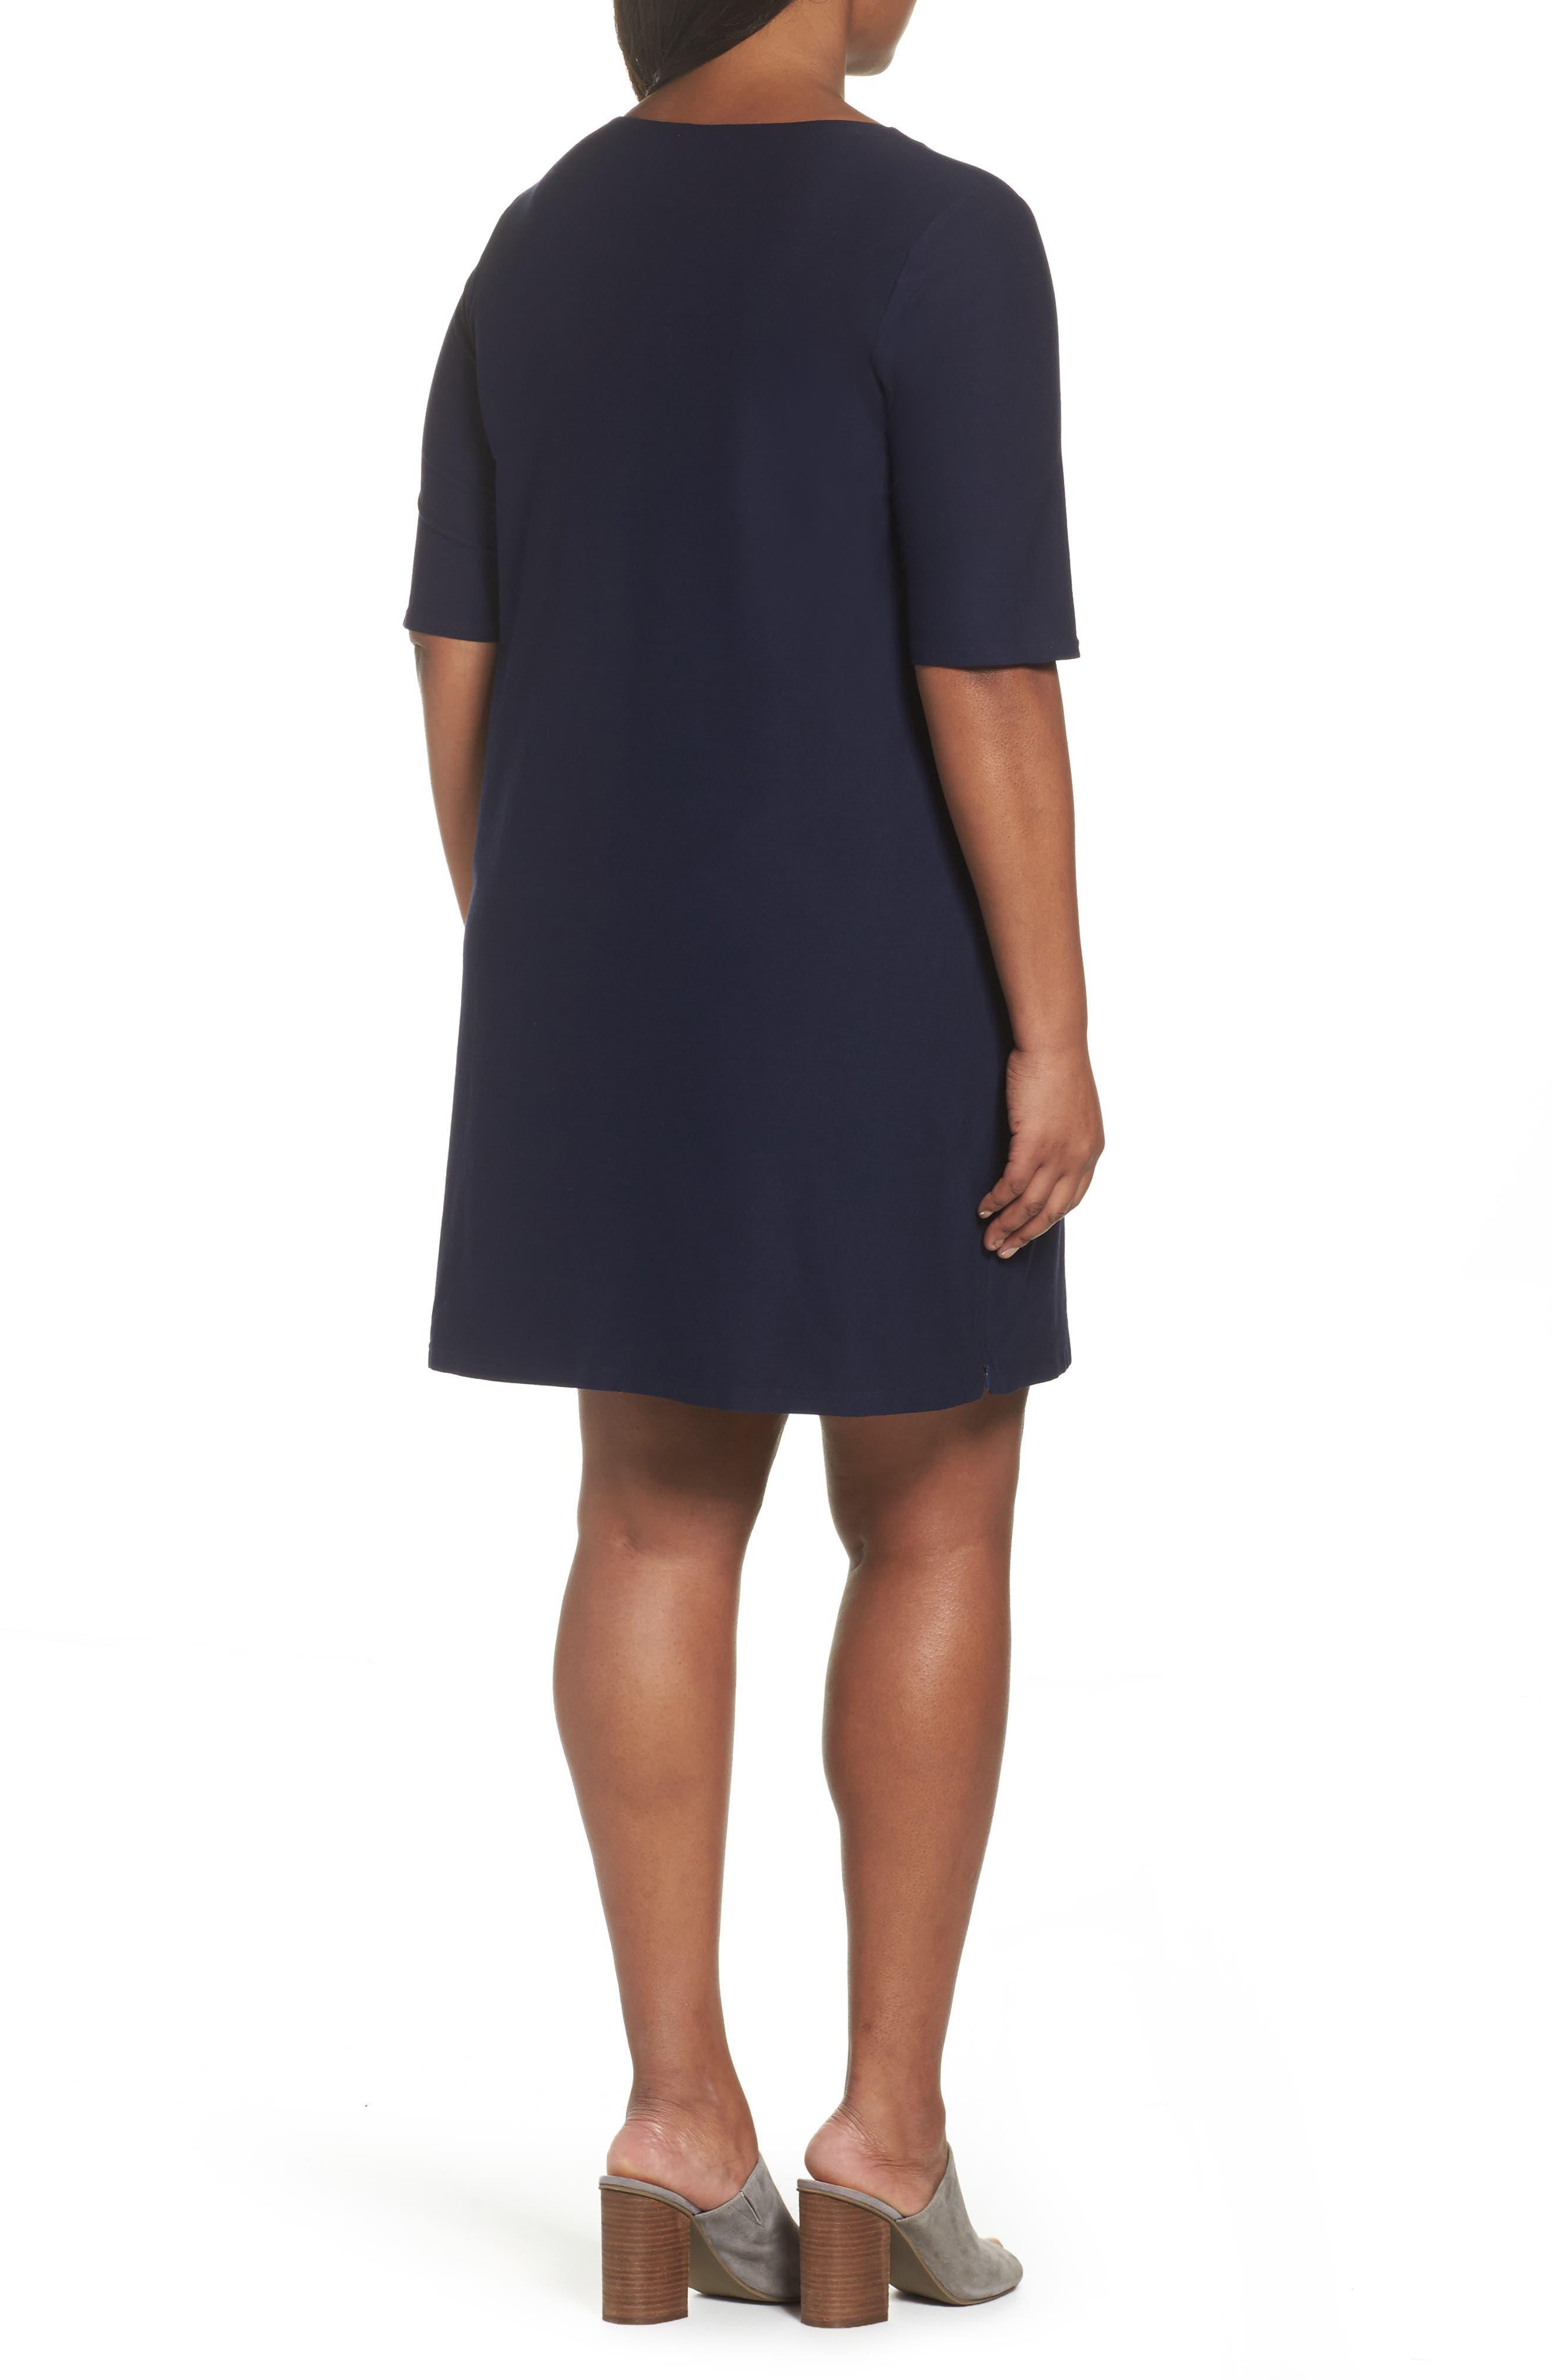 Alternate Image 2  - Eileen Fisher Side Zip Knit Shift Dress (Plus Size)